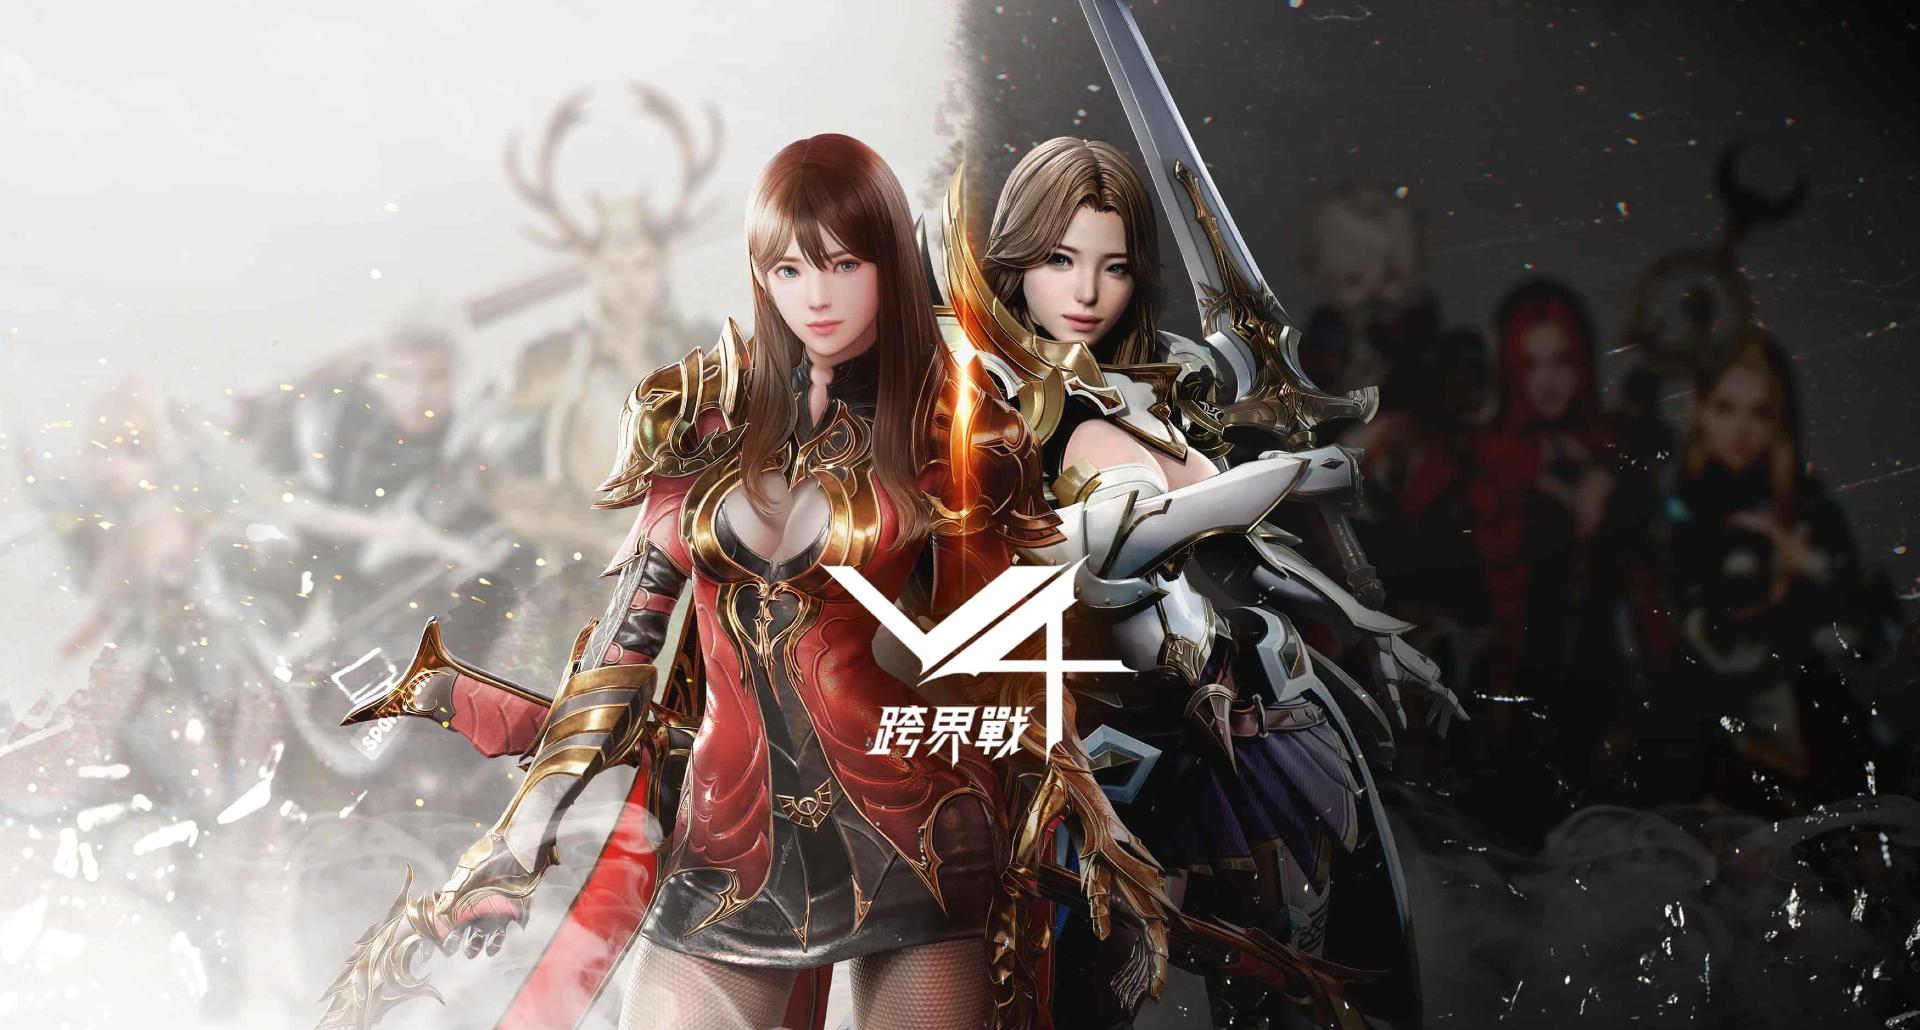 MMORPG手游鉅作《V4:跨界戰》:新手必知的常識